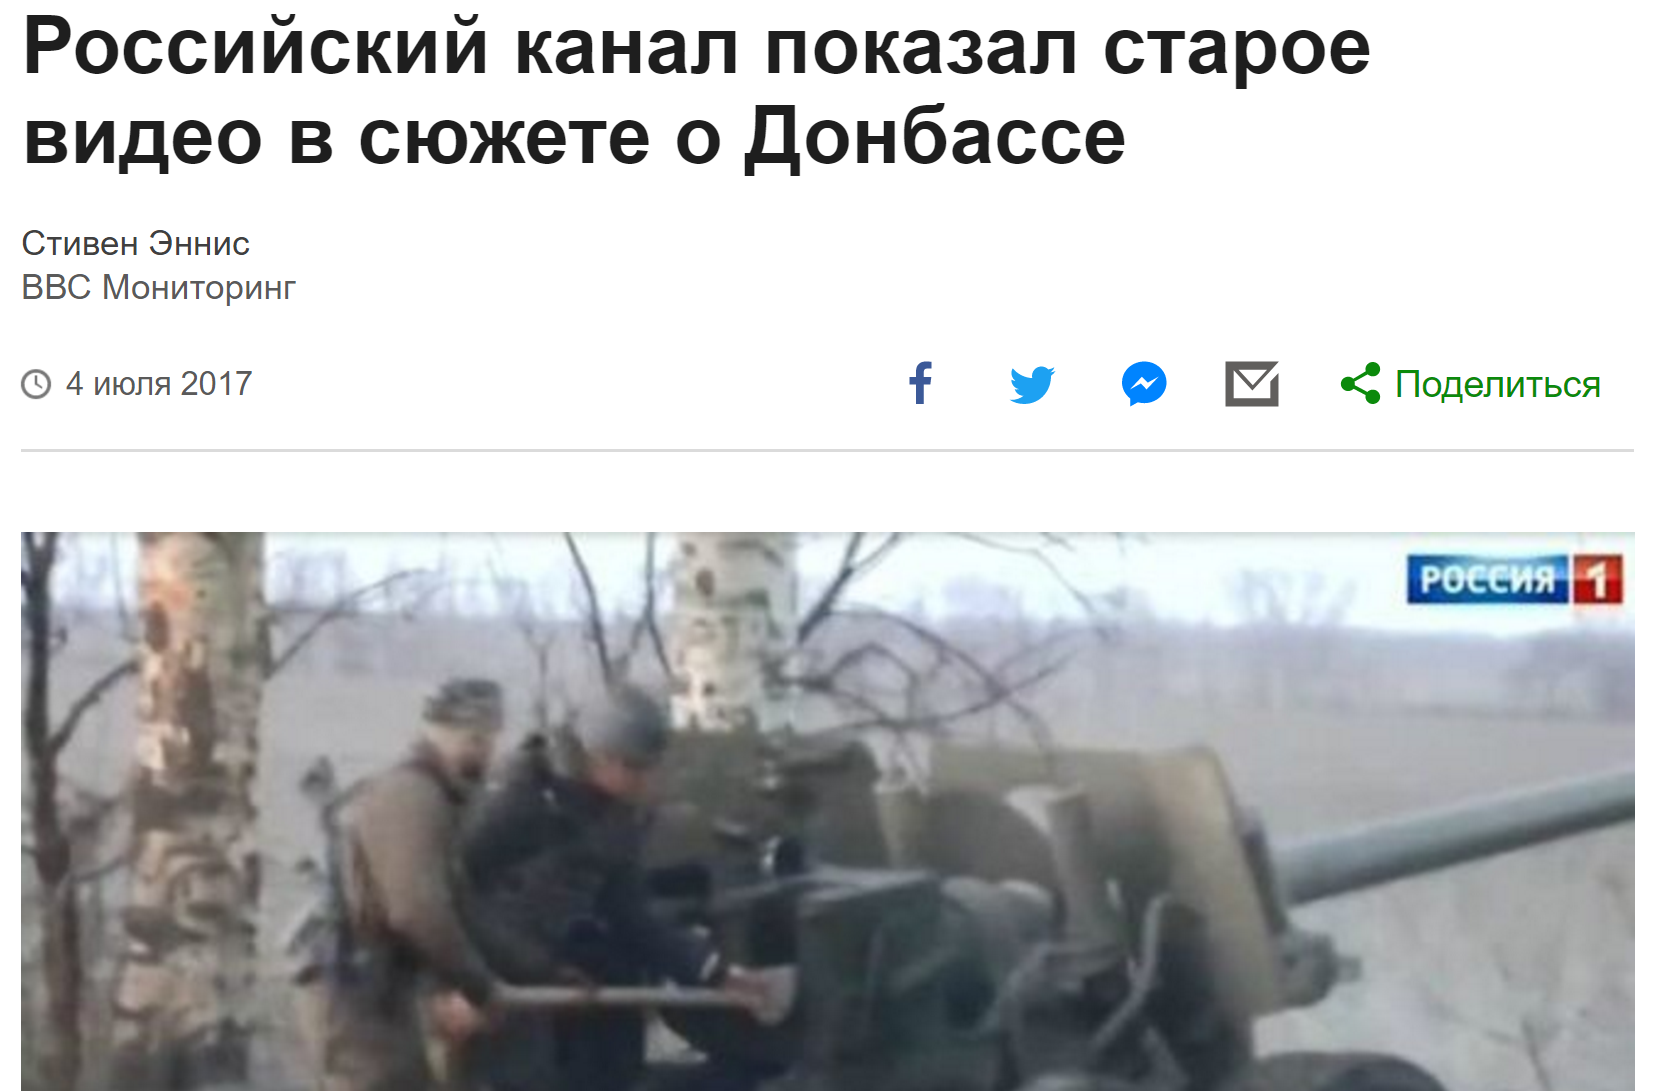 Азбука российских новостей для отдыхающих